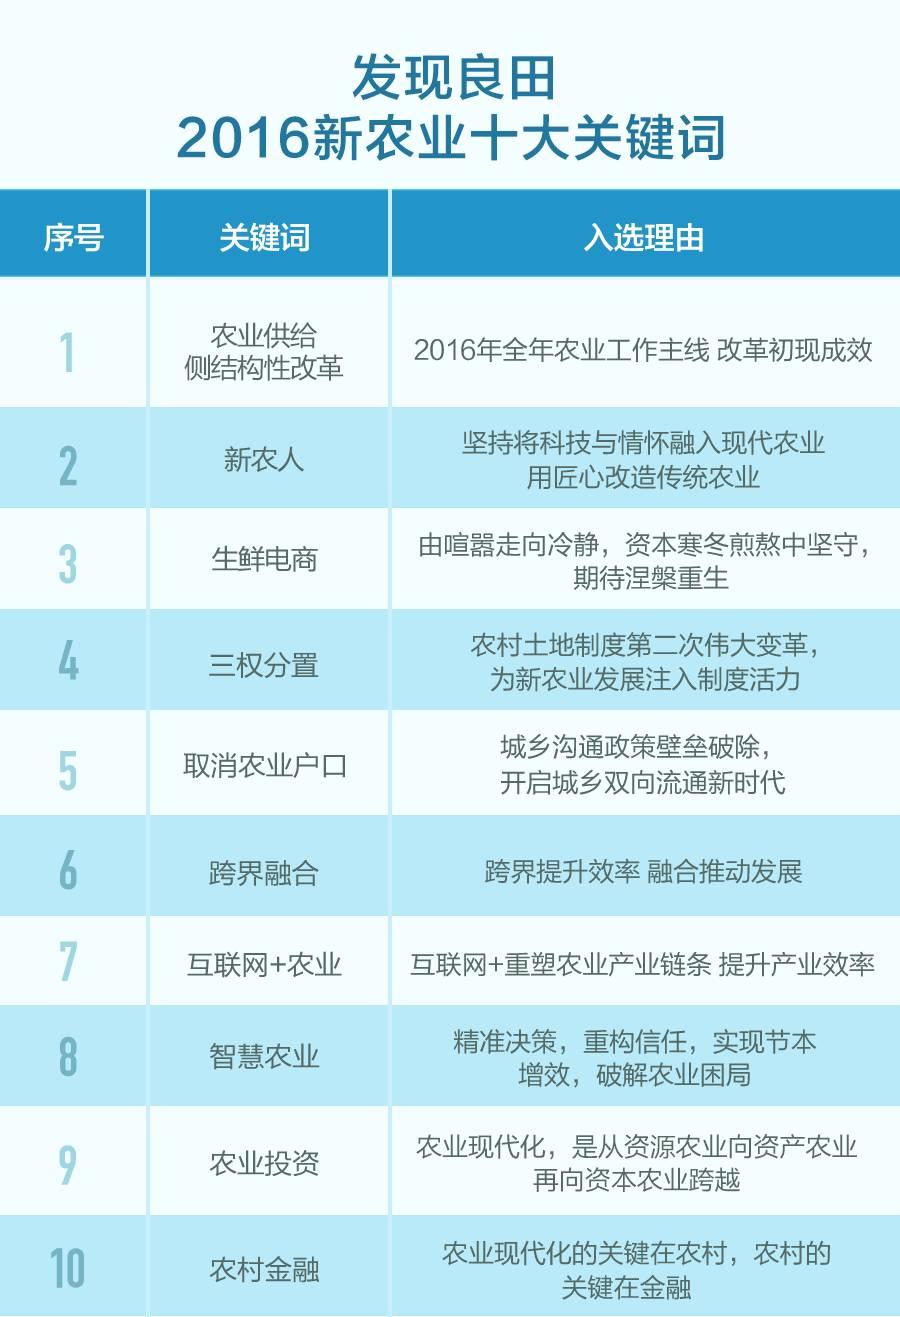 2016年中国三农十大热词